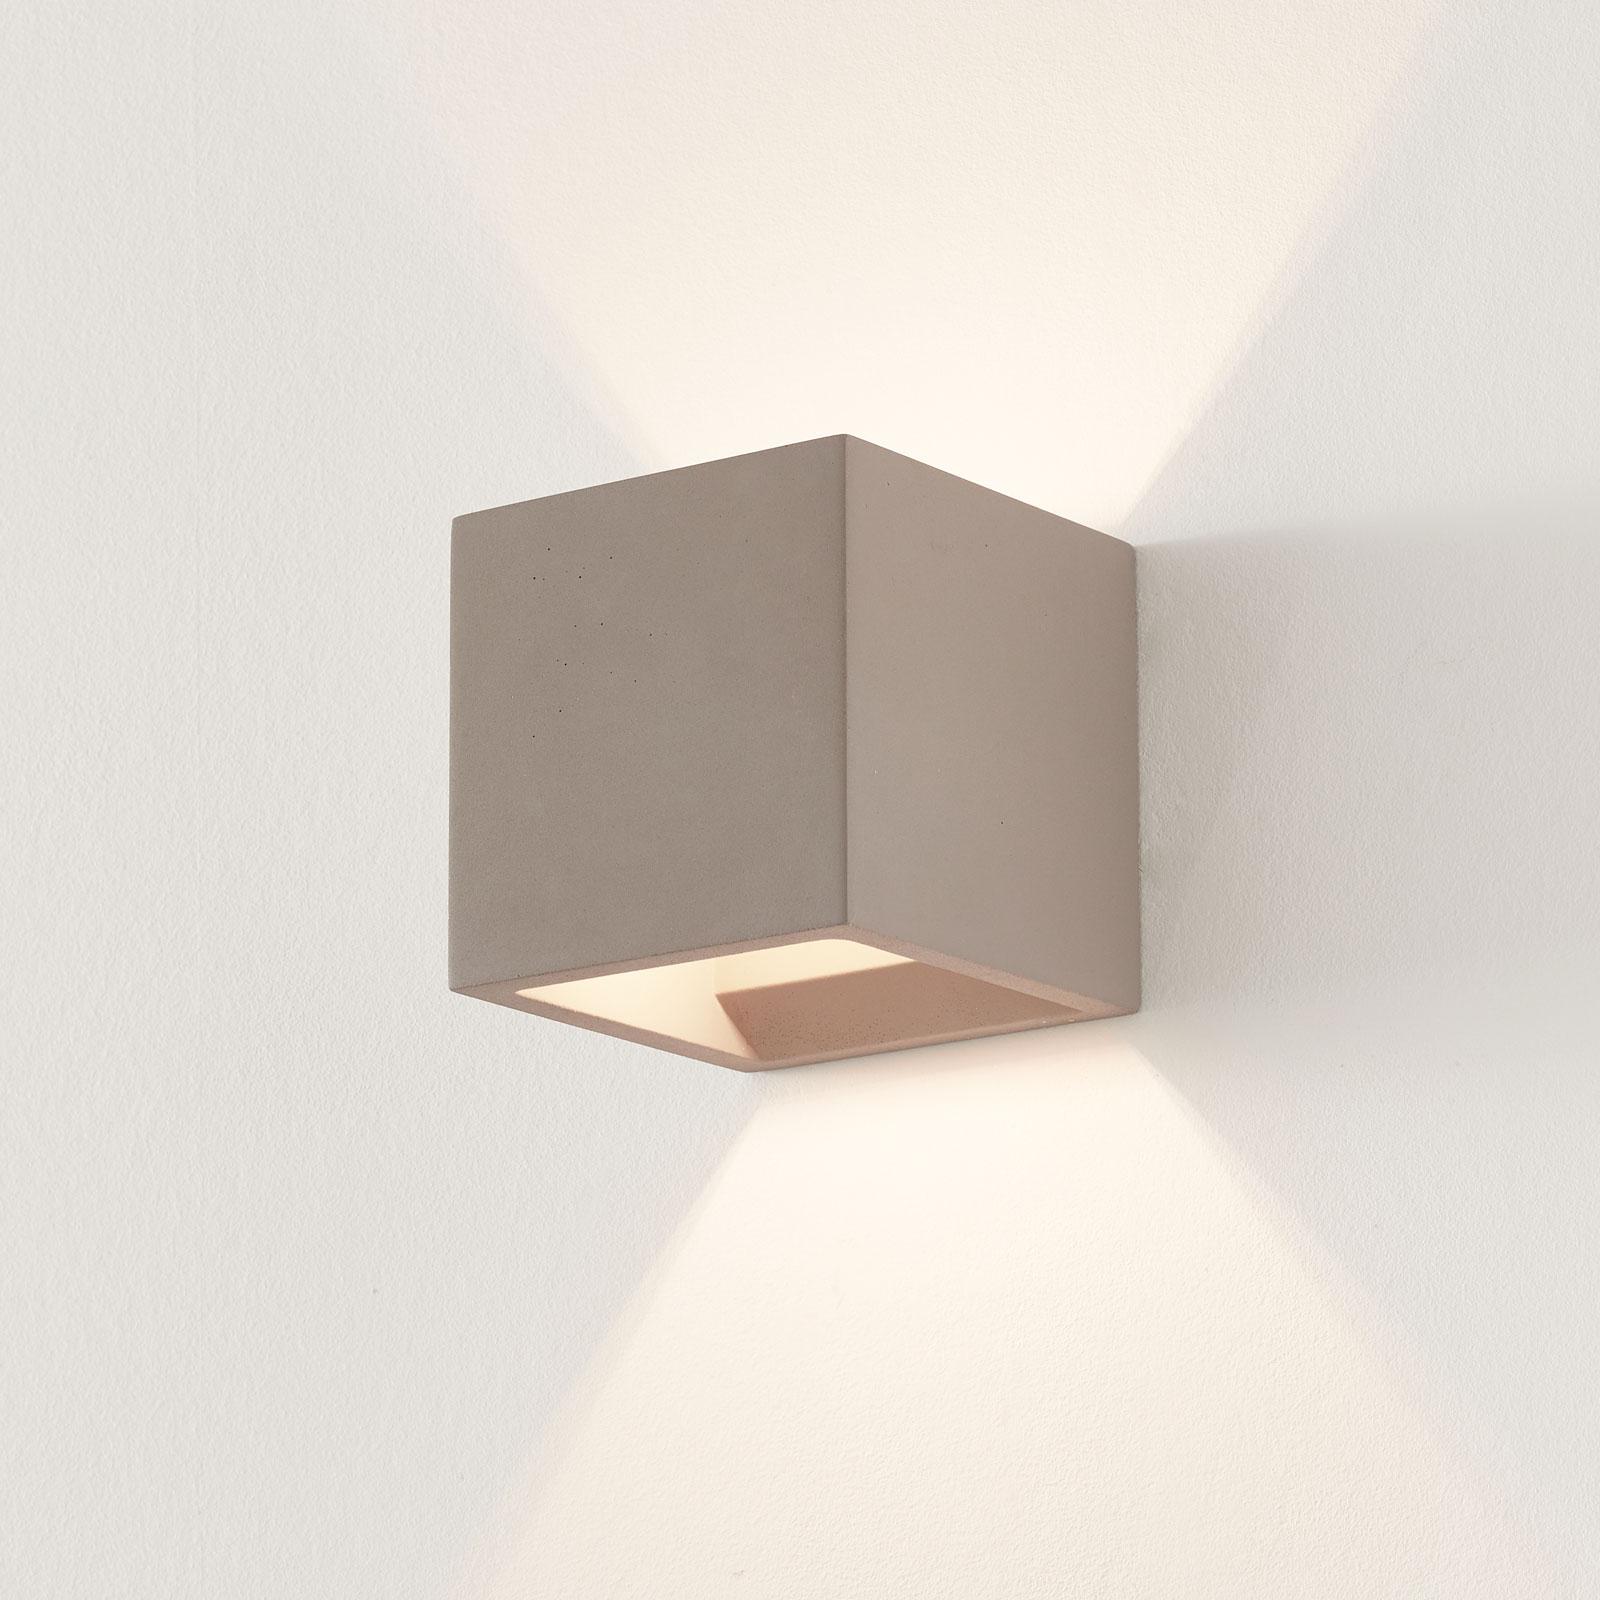 Lindby Jayden Wandlampe in eckiger Form